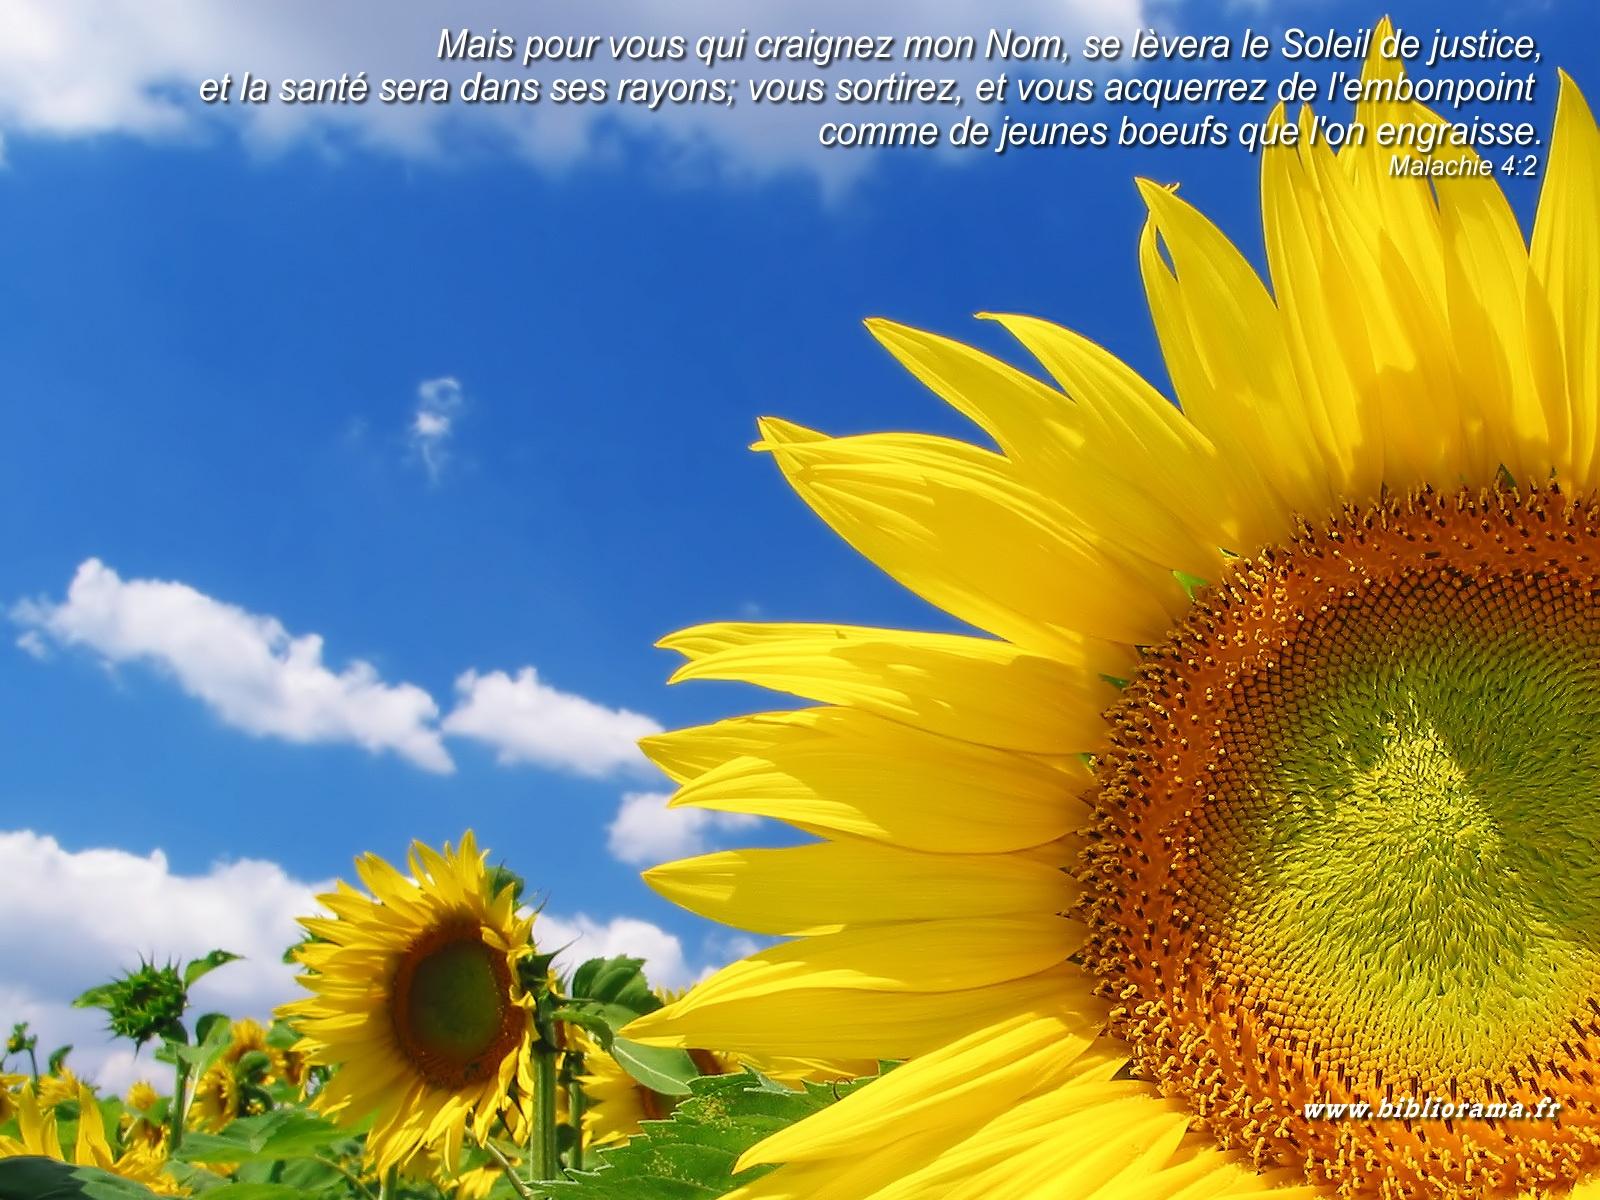 Super Images avec verset biblique - Page 21 ZP11